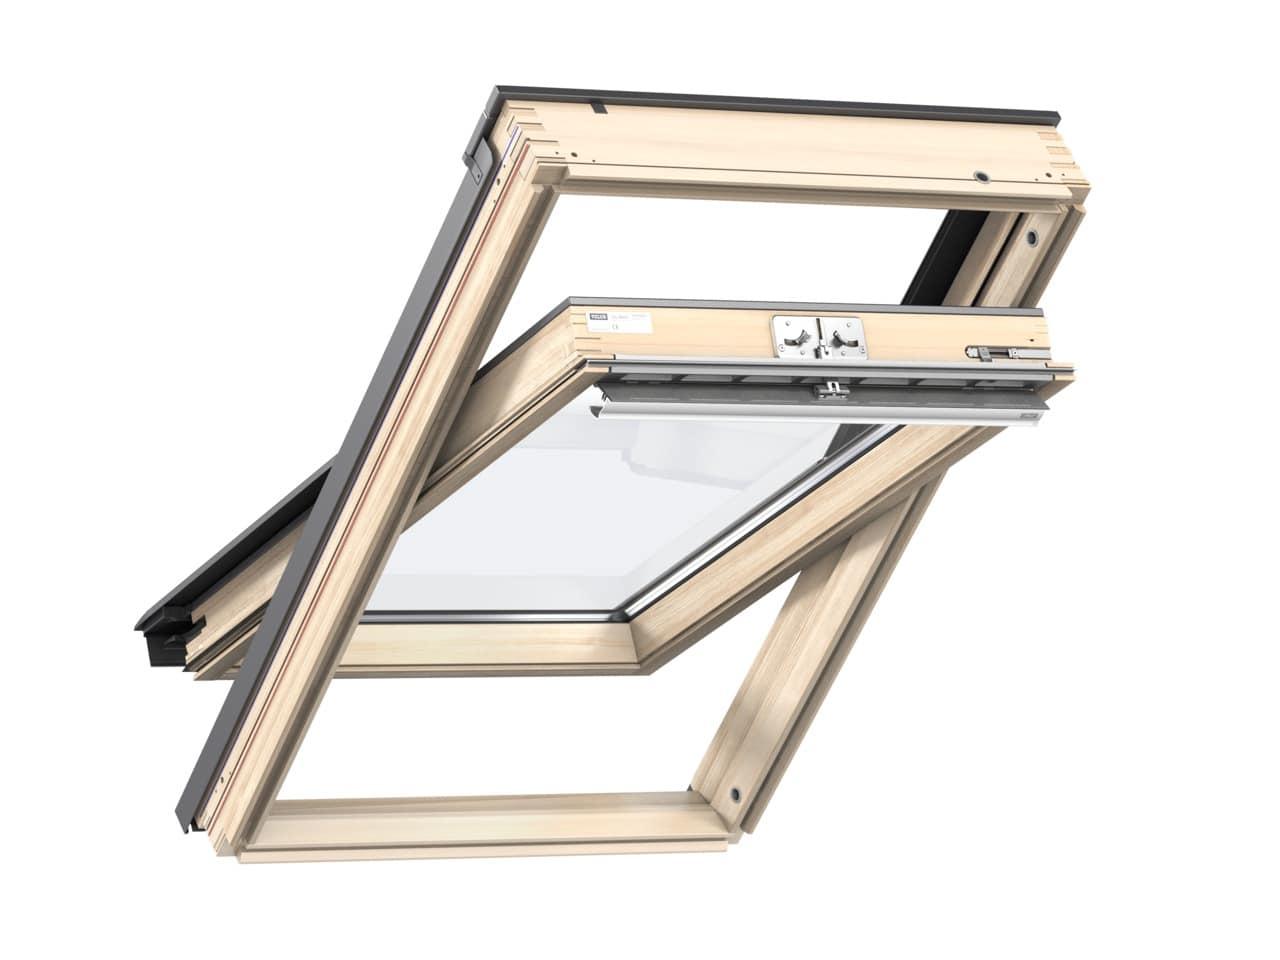 okno dachowe velux GLL 1061 2 - VELUX okno kolankowe VFE 3070 2-szybowe